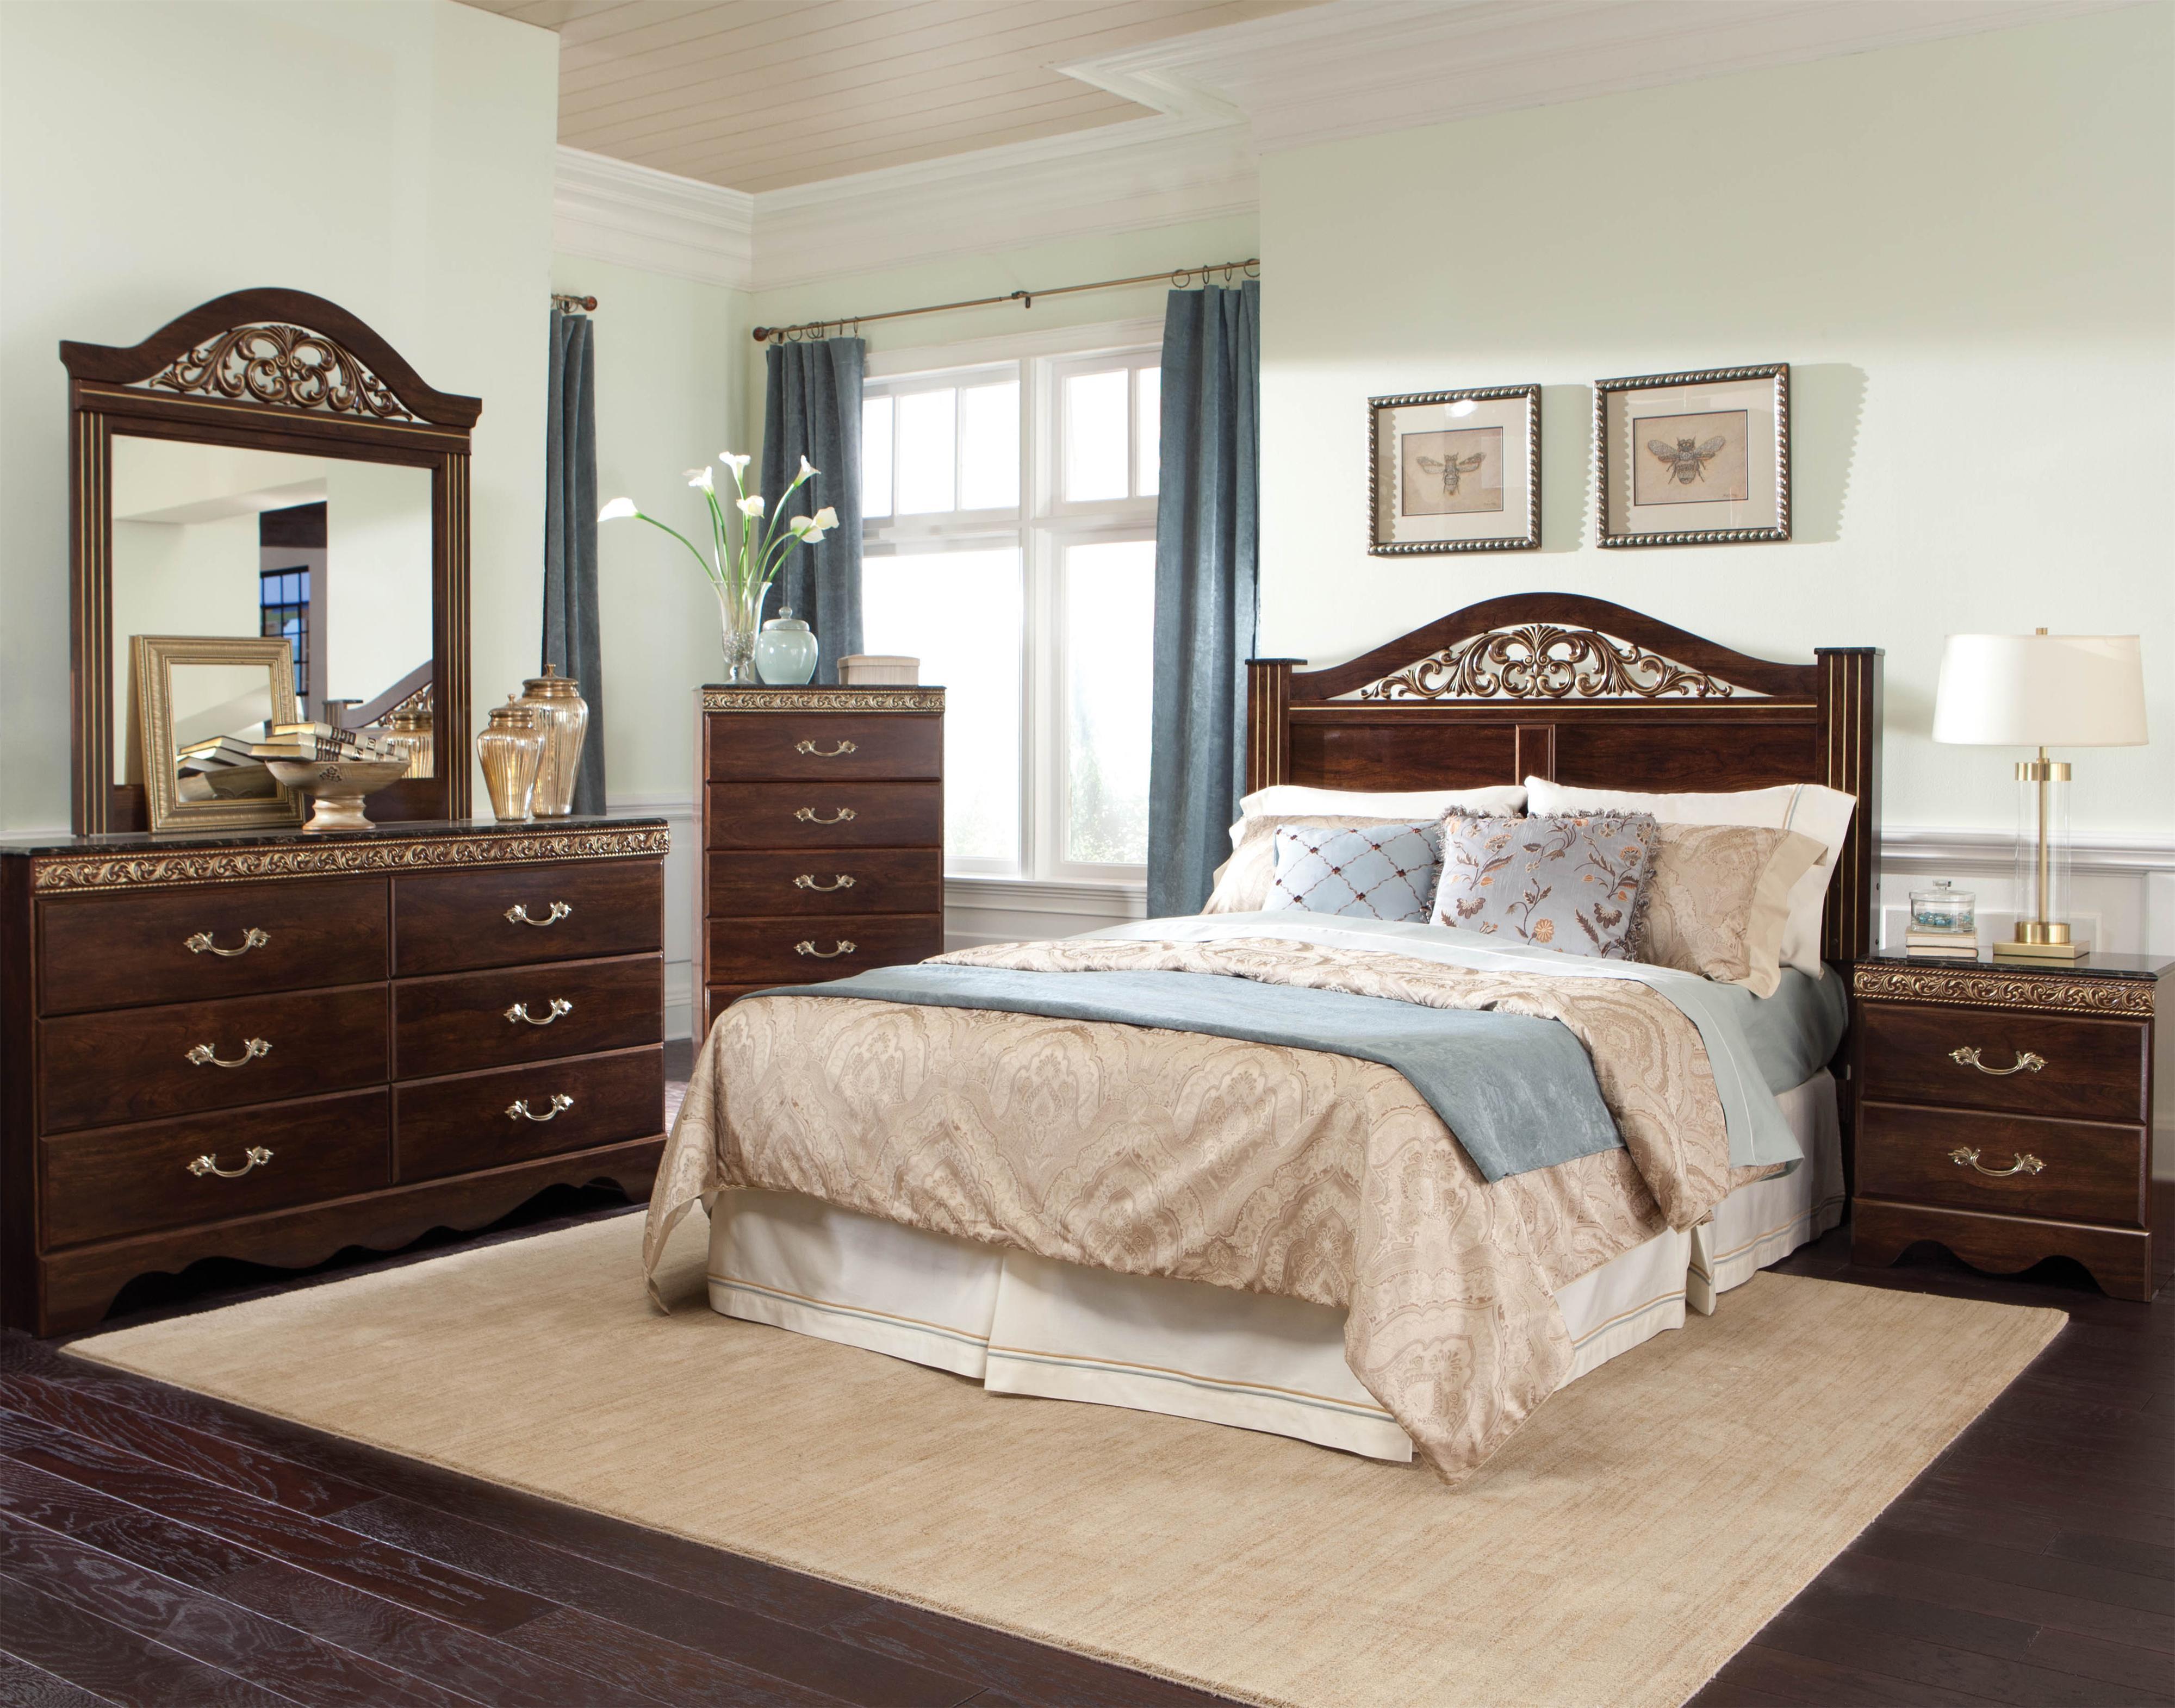 Standard Furniture Odessa Full/Queen Bedroom Group - Item Number: 69500 Queen Bedroom Group 2